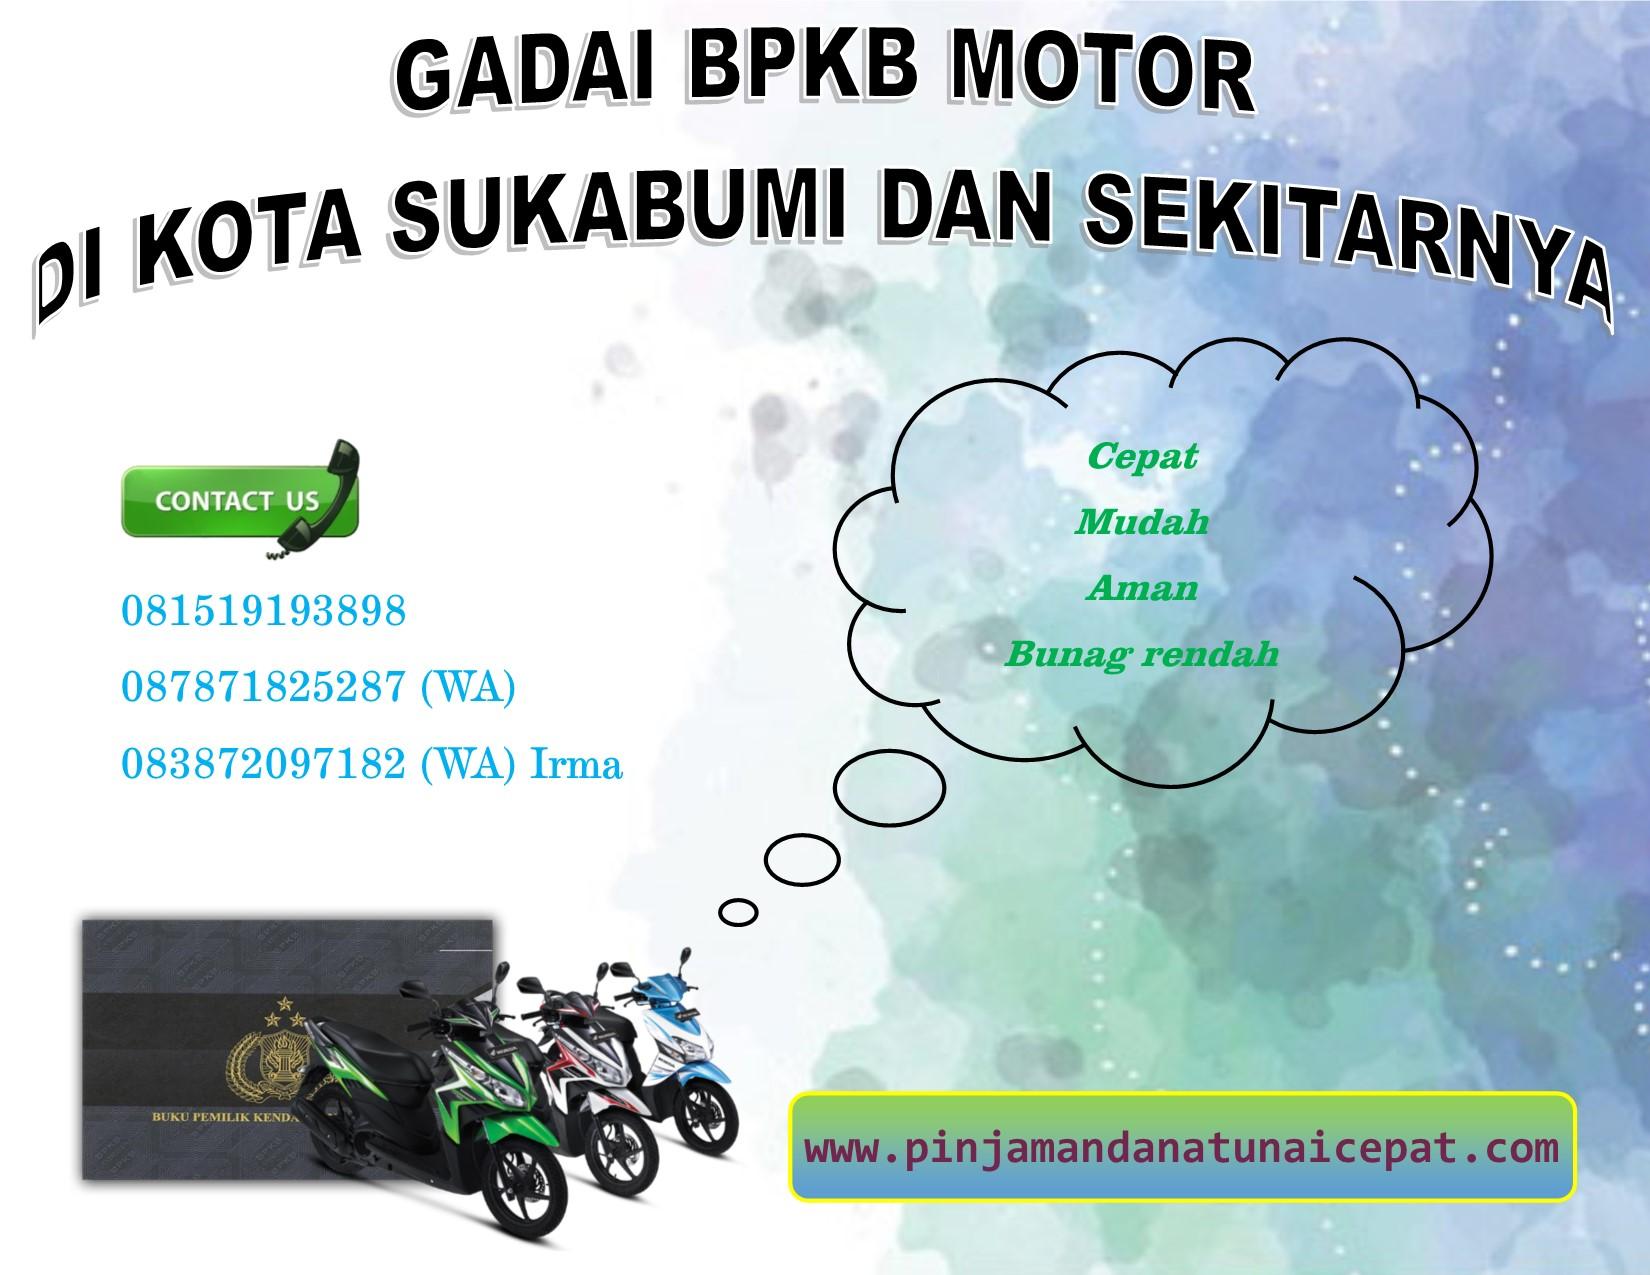 Gadai BPKB Motor Di Sukabumi